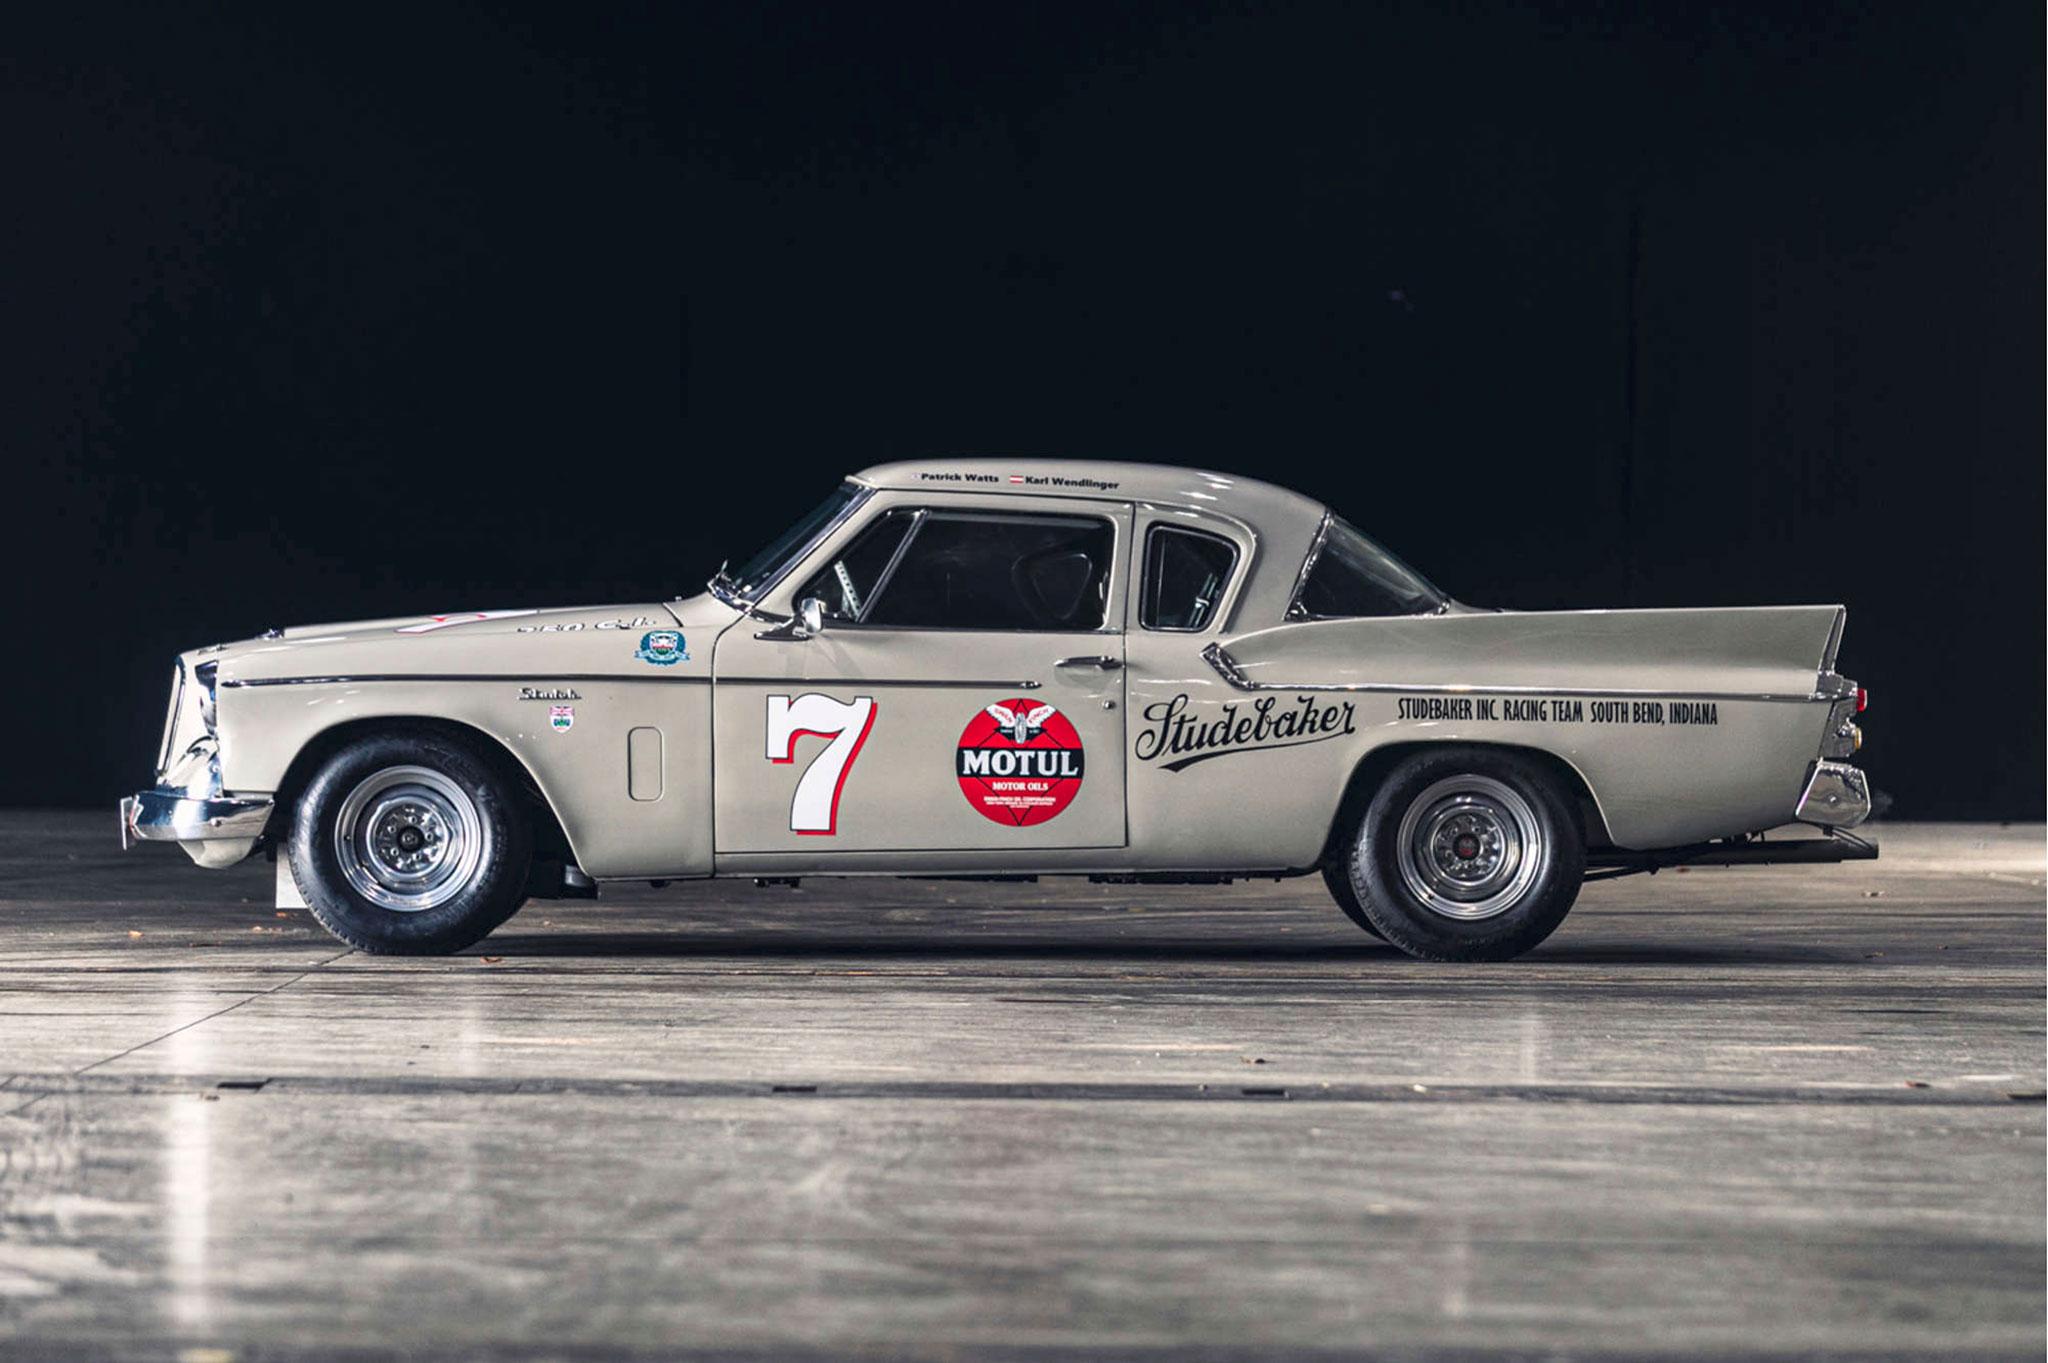 1959 Studebaker Silver Hawk Racer Vue latérale côté gauche - Silverstone Auctions Mars 2021.